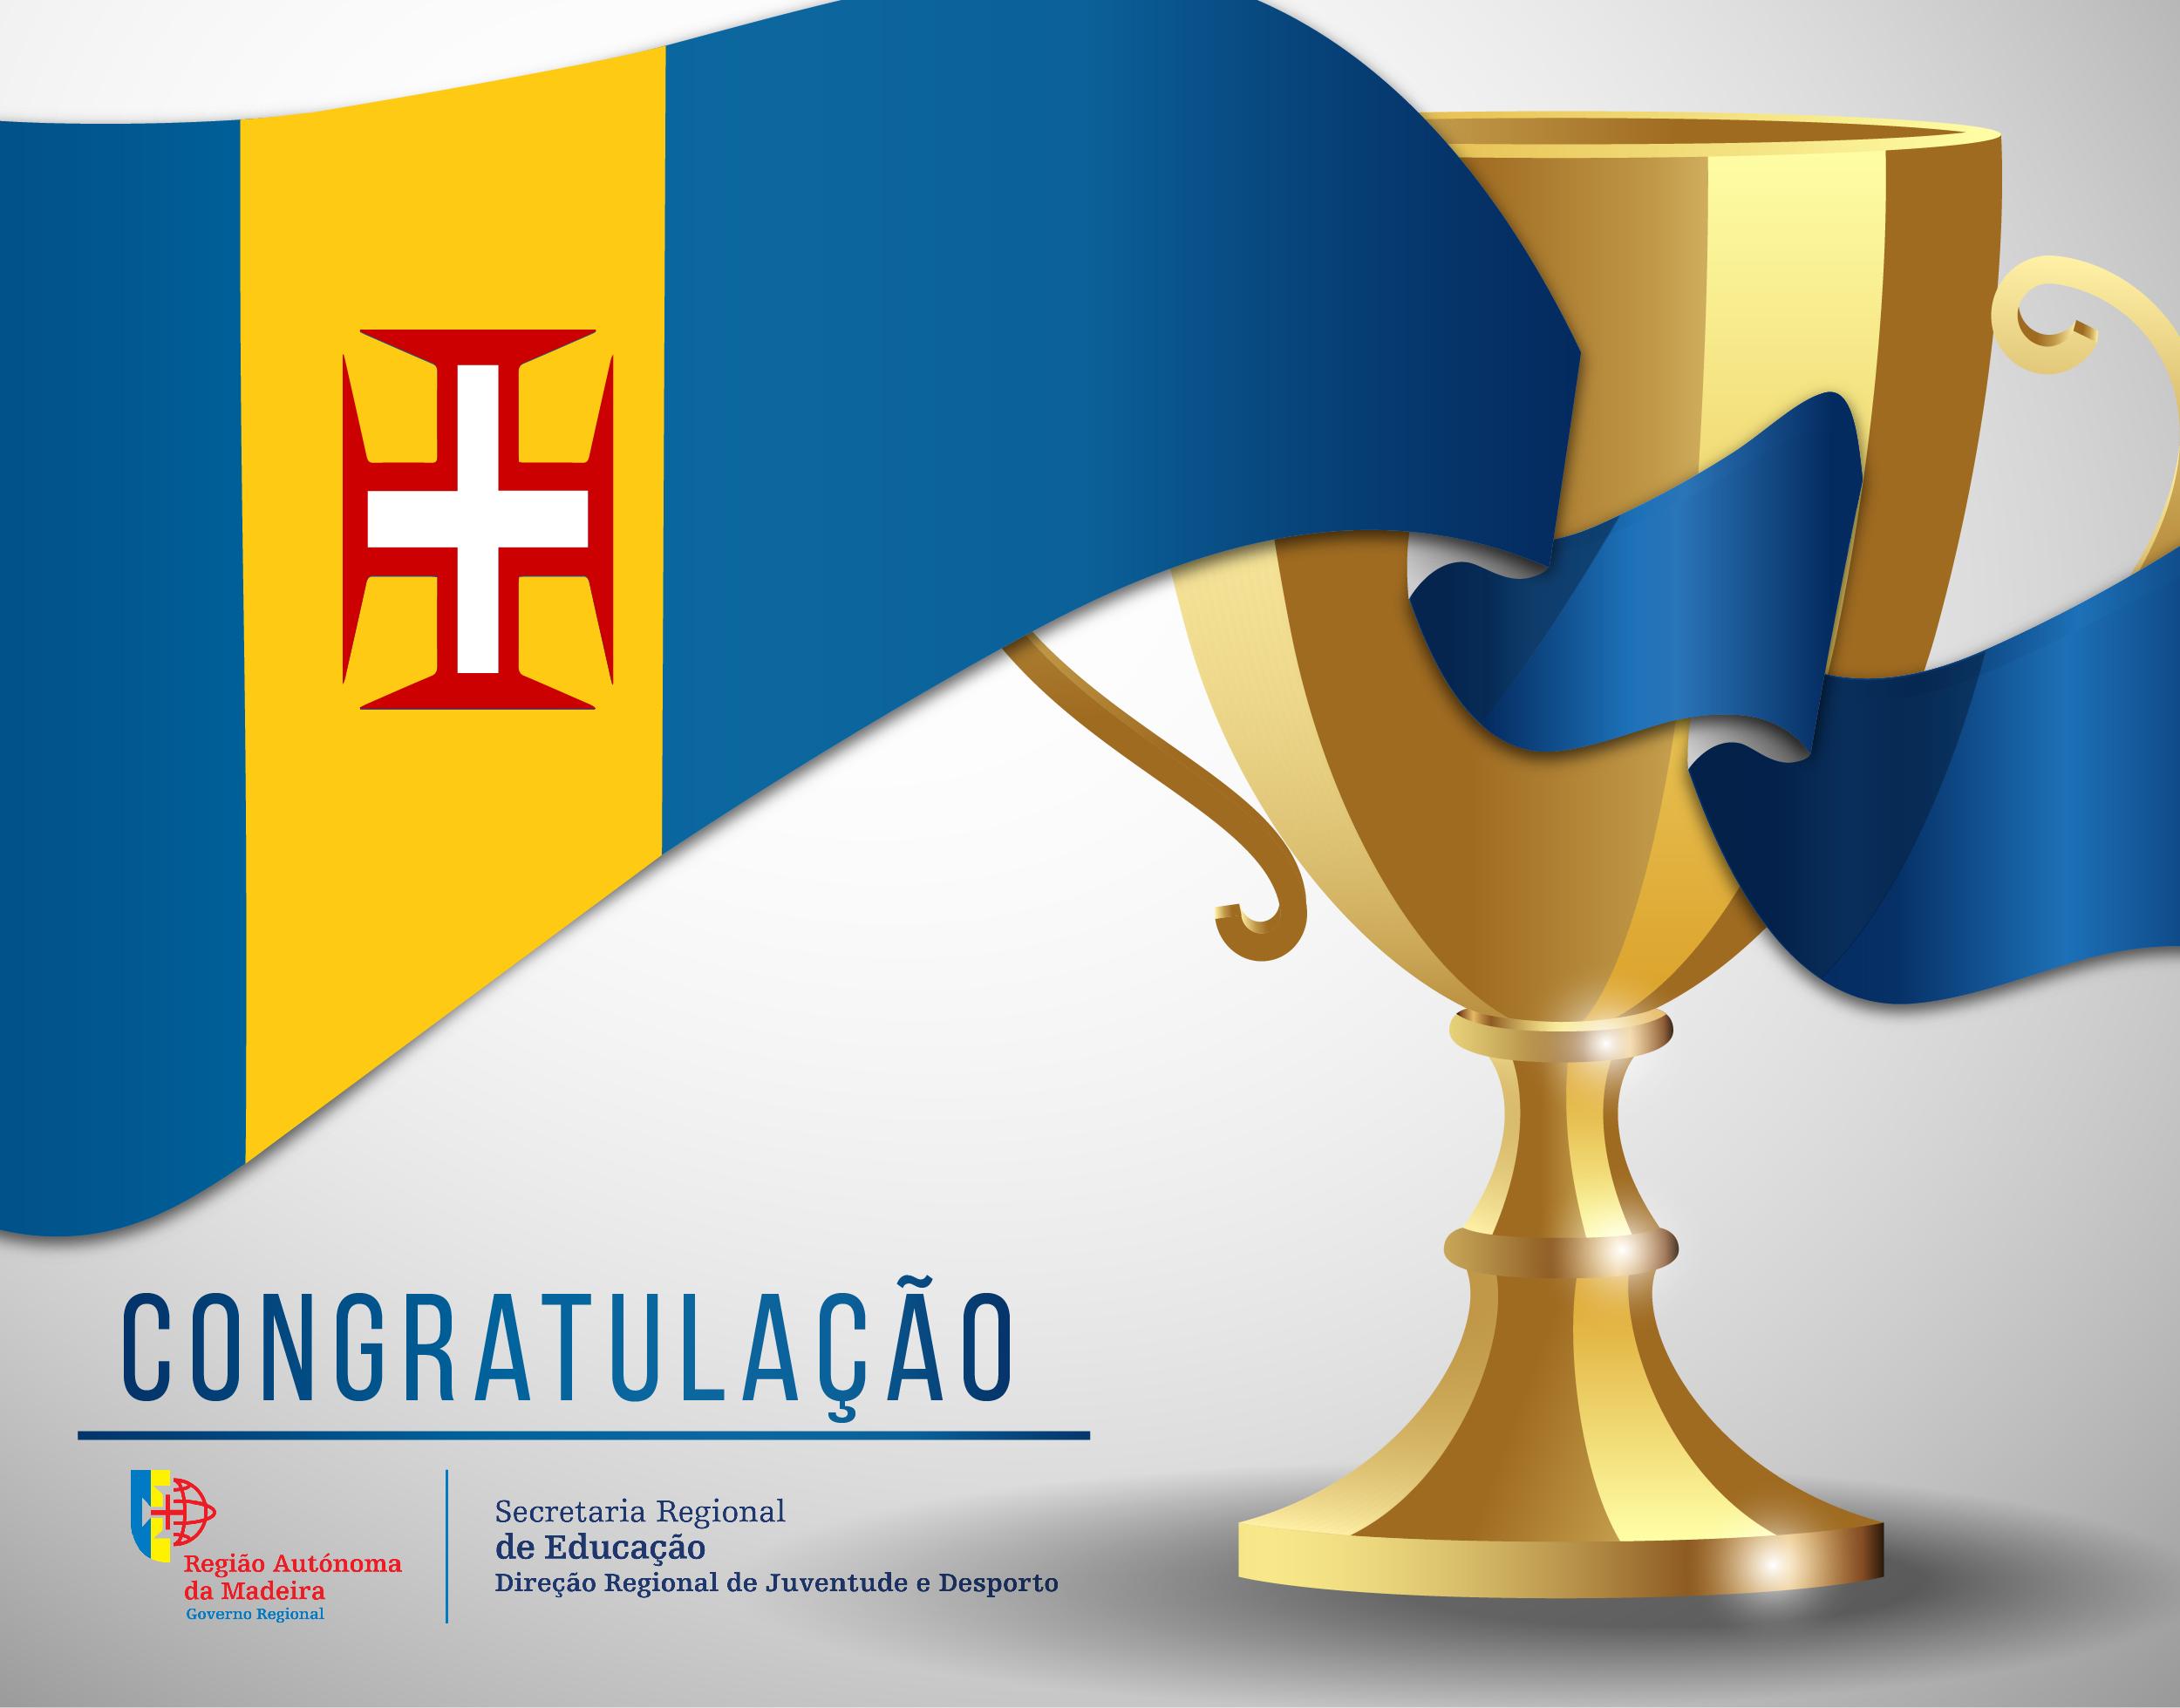 Congratulação - Daniel Andrade (Associação Desportiva de Muay Thai da Madeira)